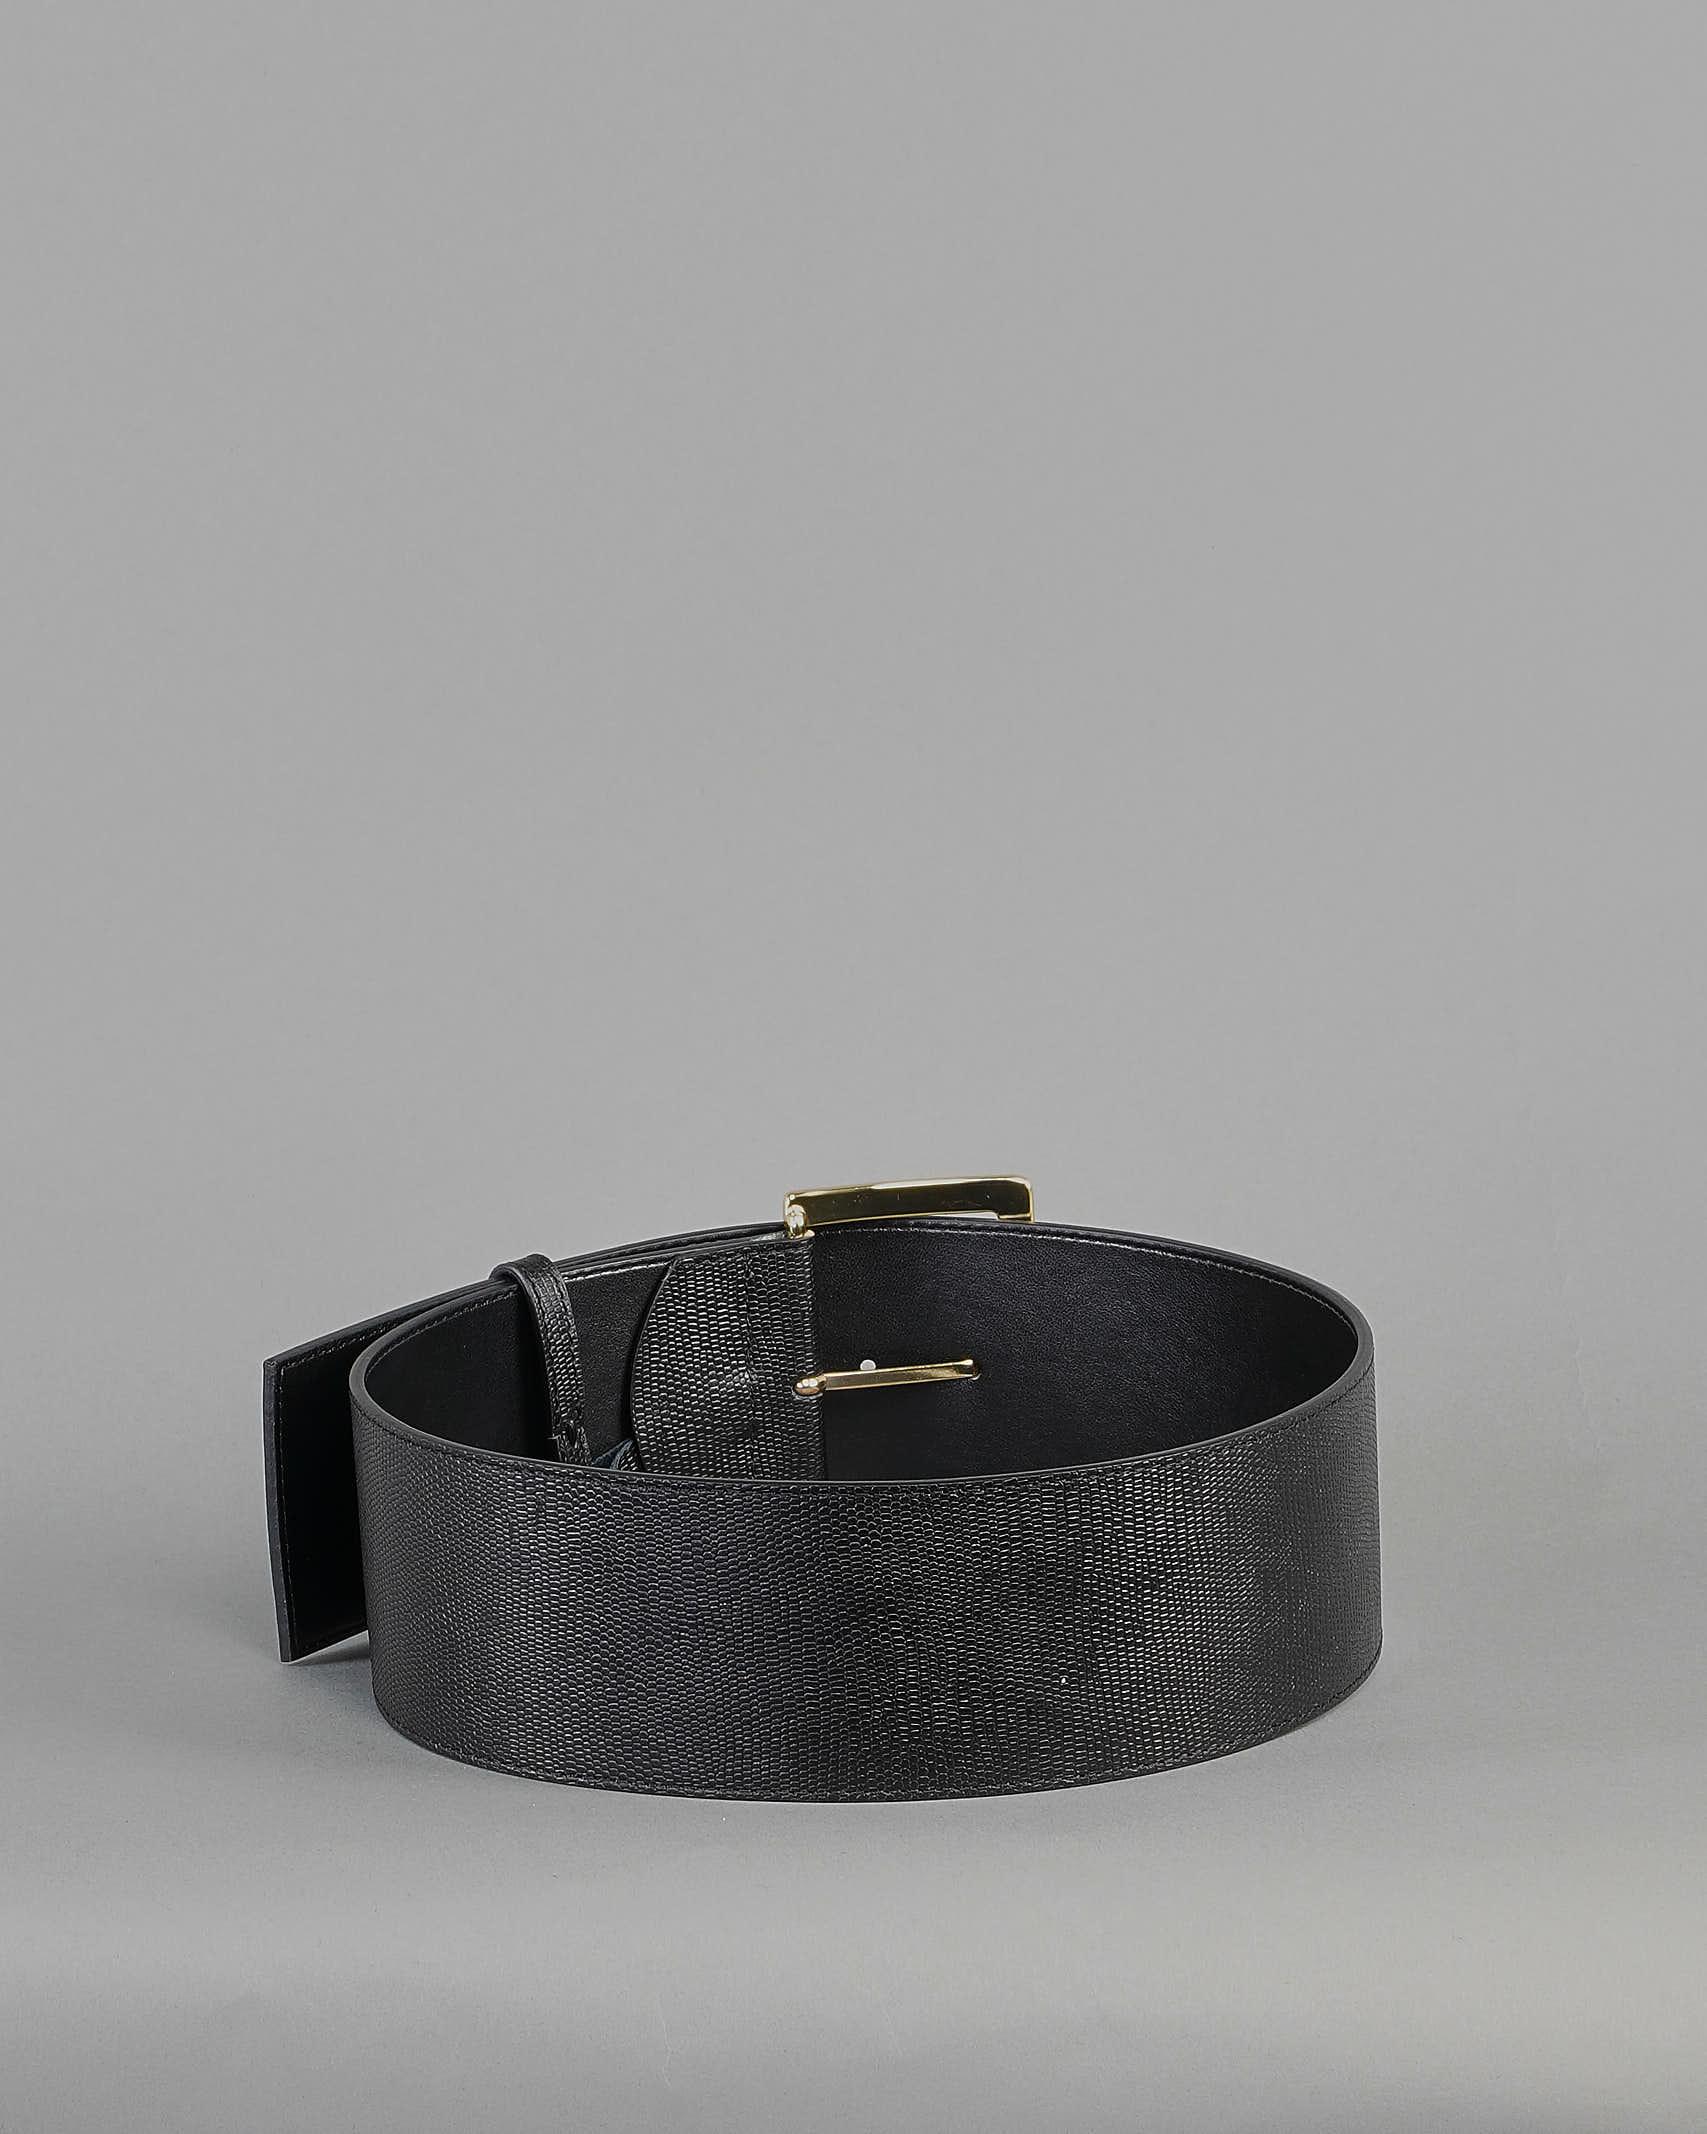 Cintura alta in pelle Penny Black PENNY BLACK | Cintura | ORIGANO4